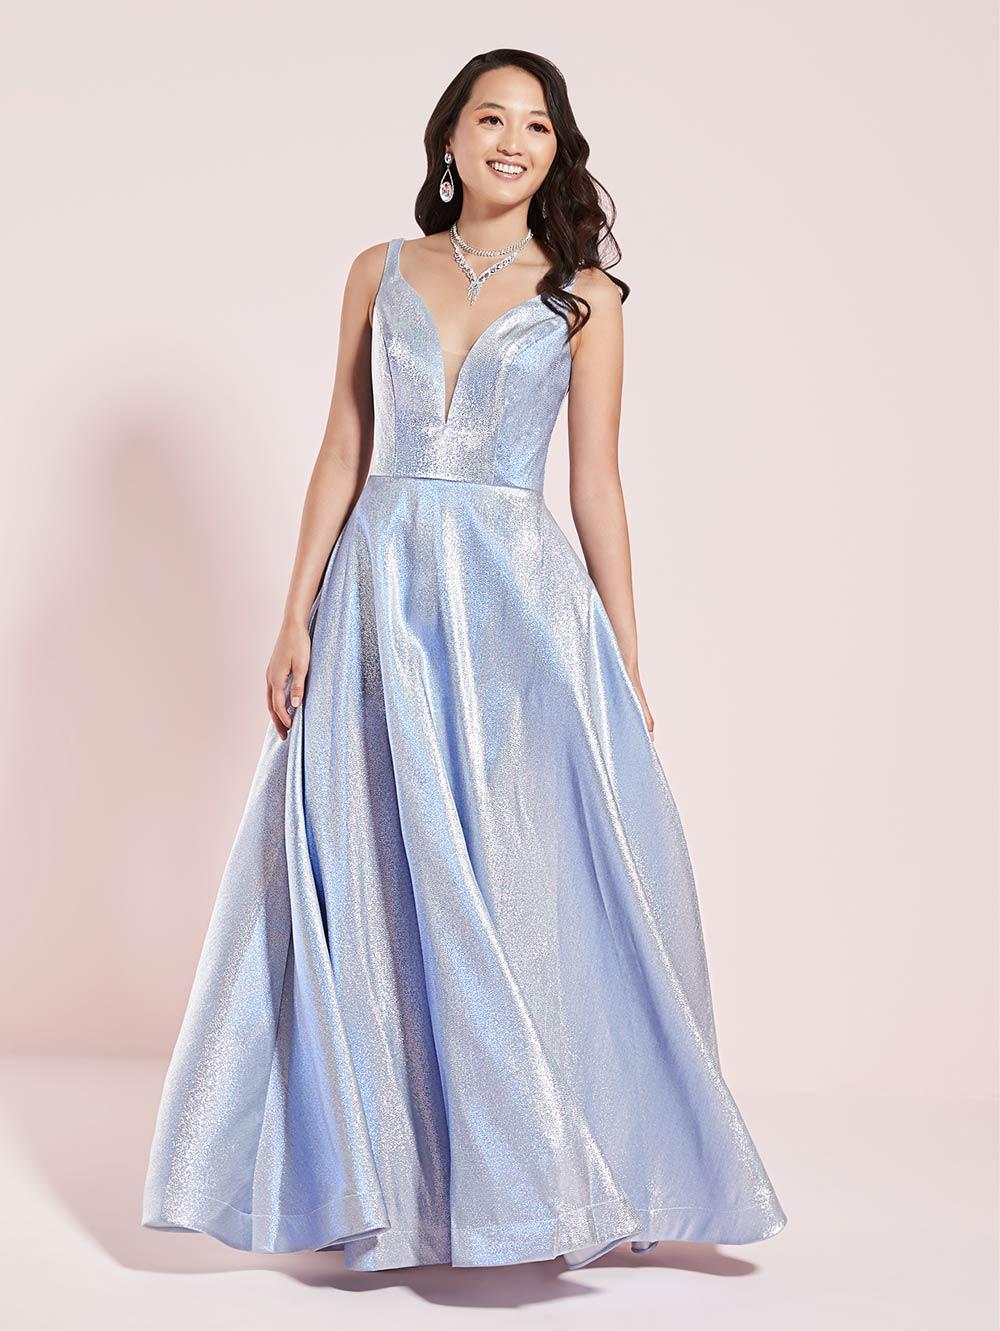 prom-dresses-jacquelin-bridals-canada-27524